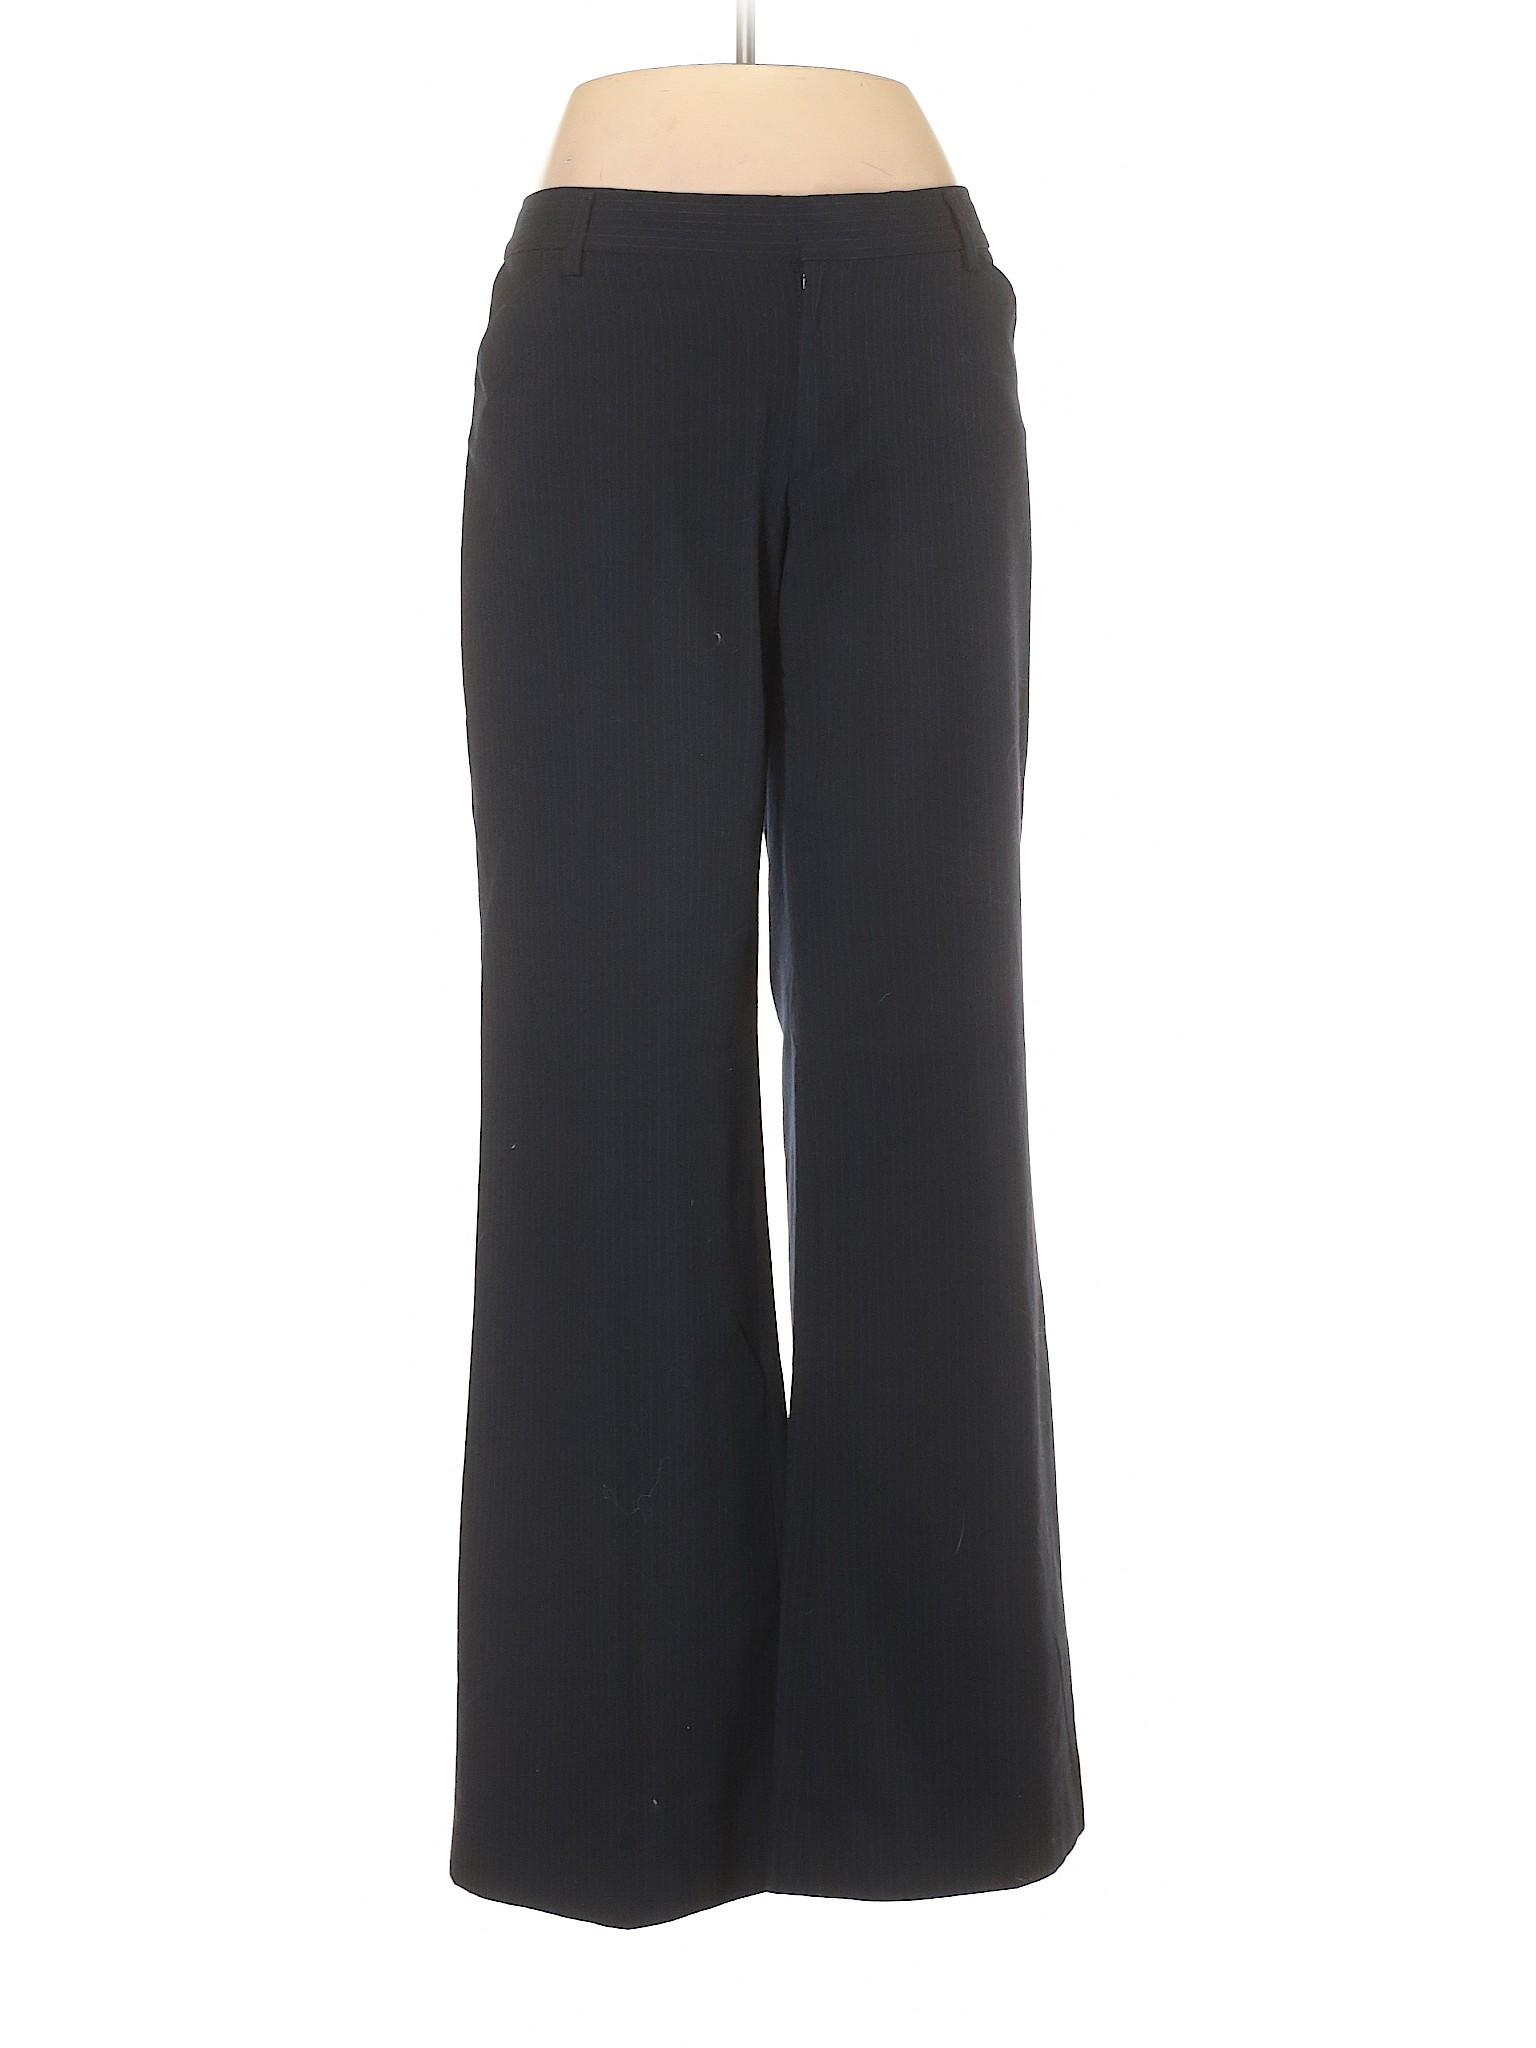 Pants Boutique Boutique Gap Gap Dress qw4SYzxO